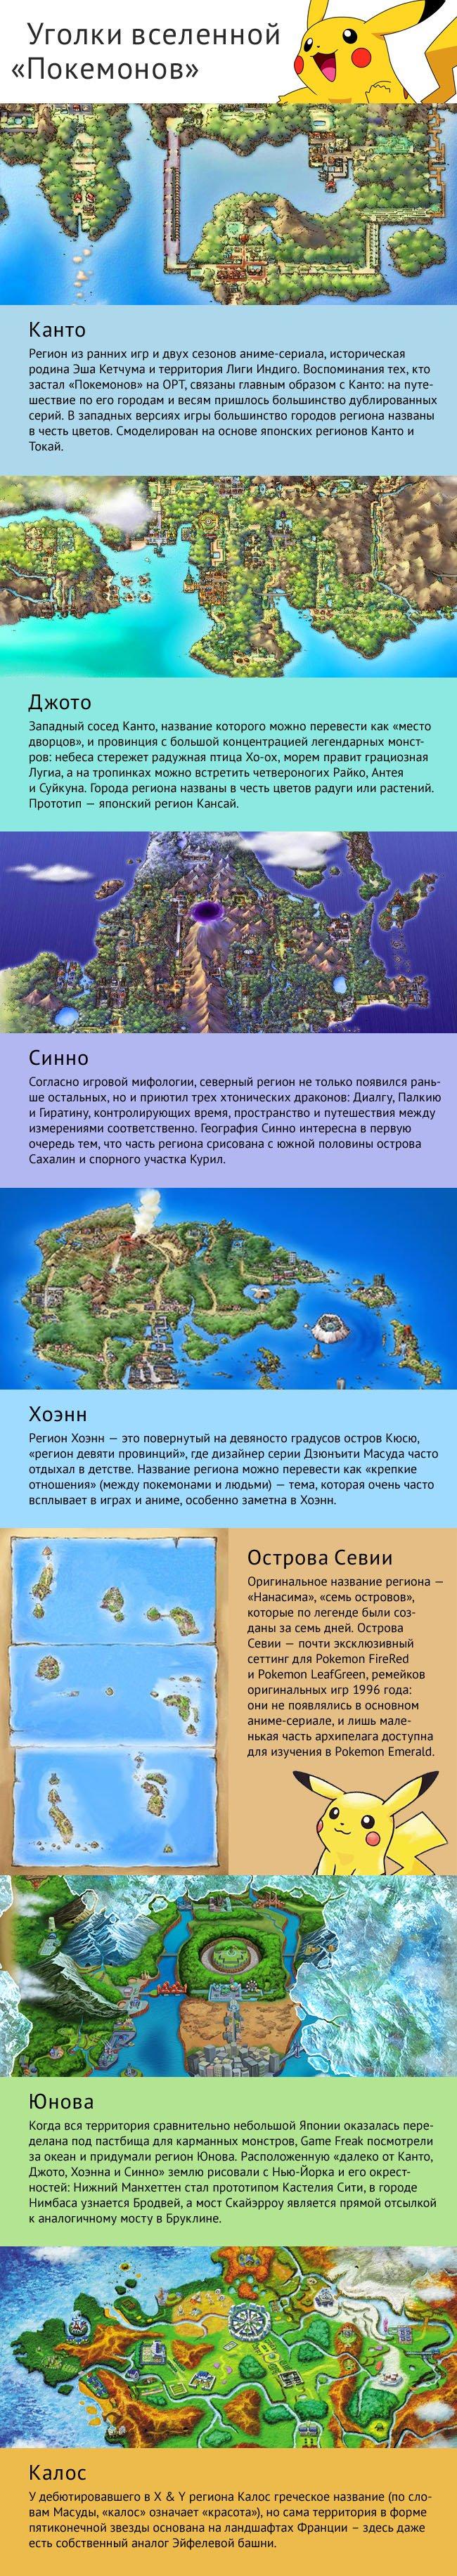 «Покемоны» как вселенная и как бизнес | Канобу - Изображение 15595